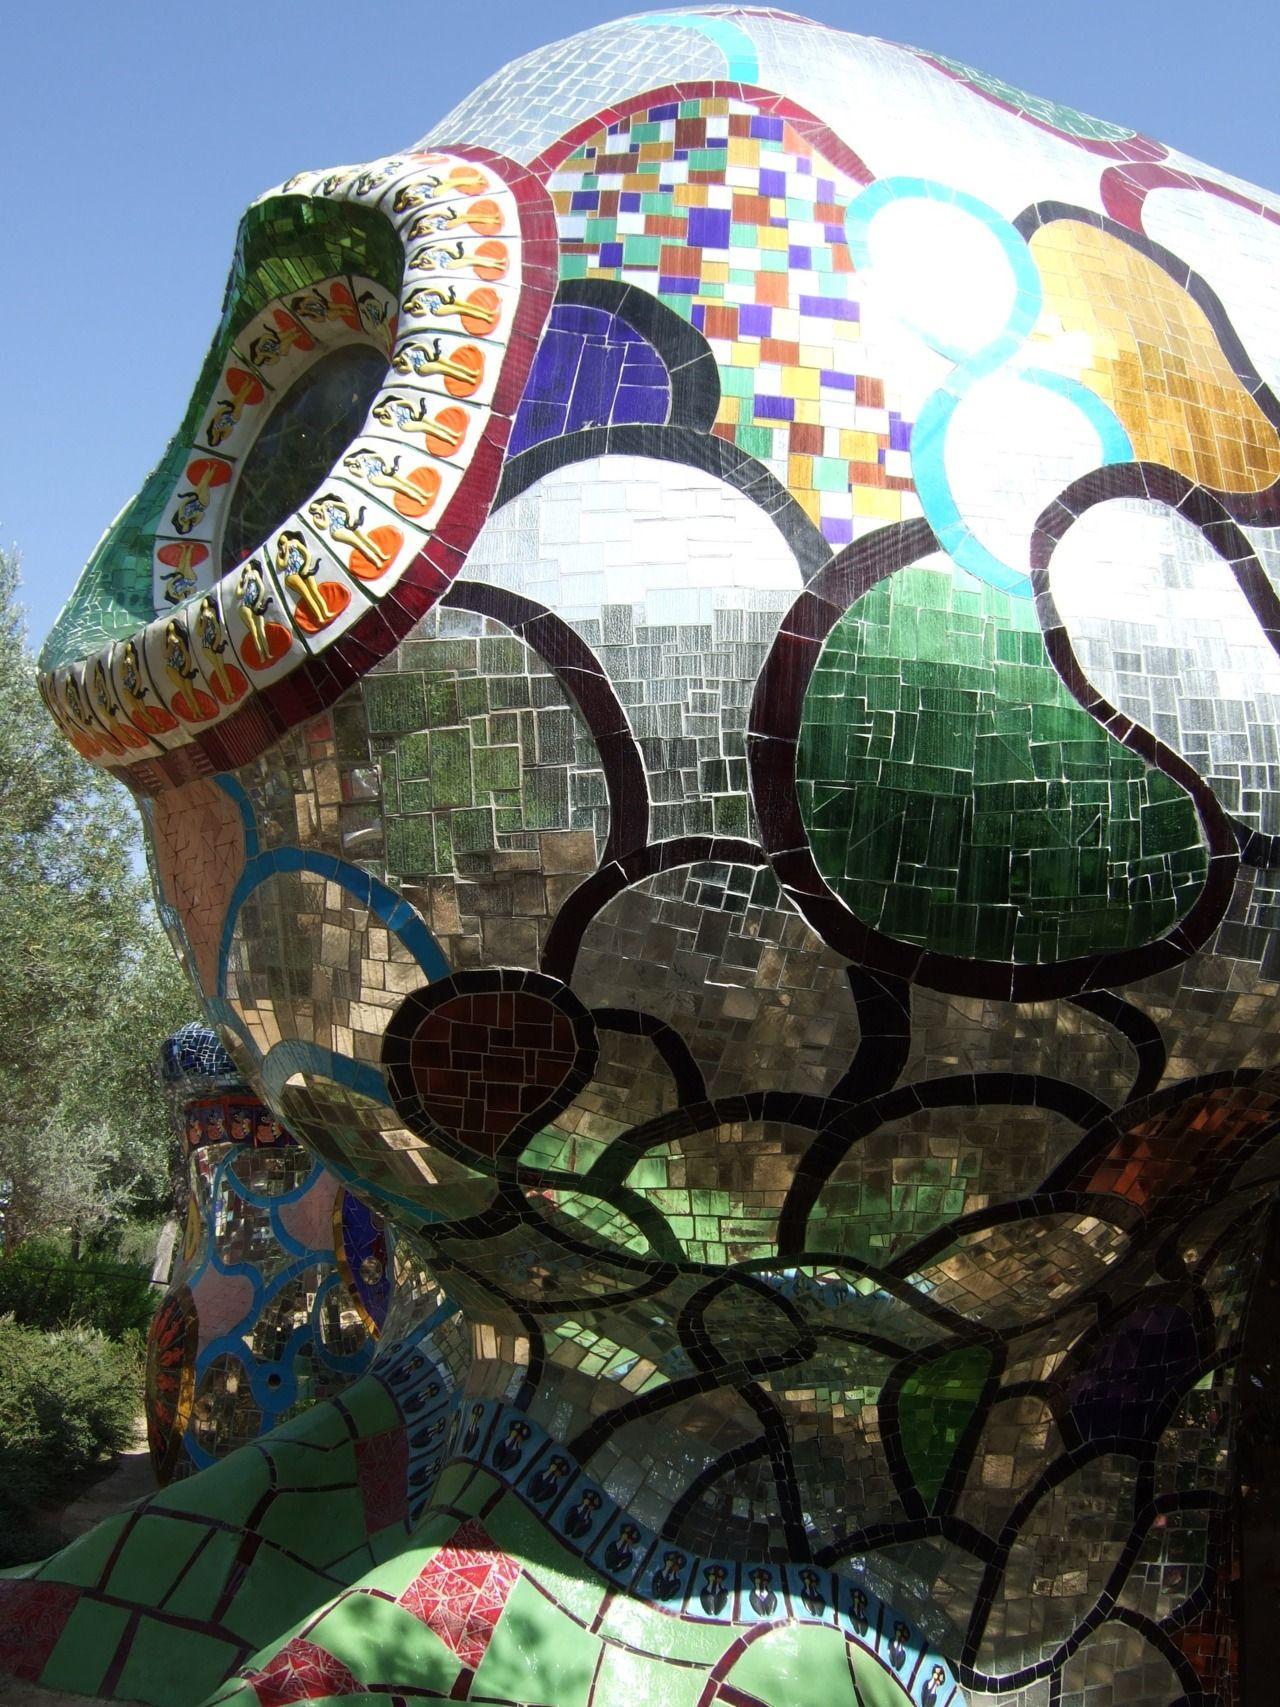 Le jardin des tarots de niki de saint phalle sud de la - Jardin tarots niki de saint phalle ...